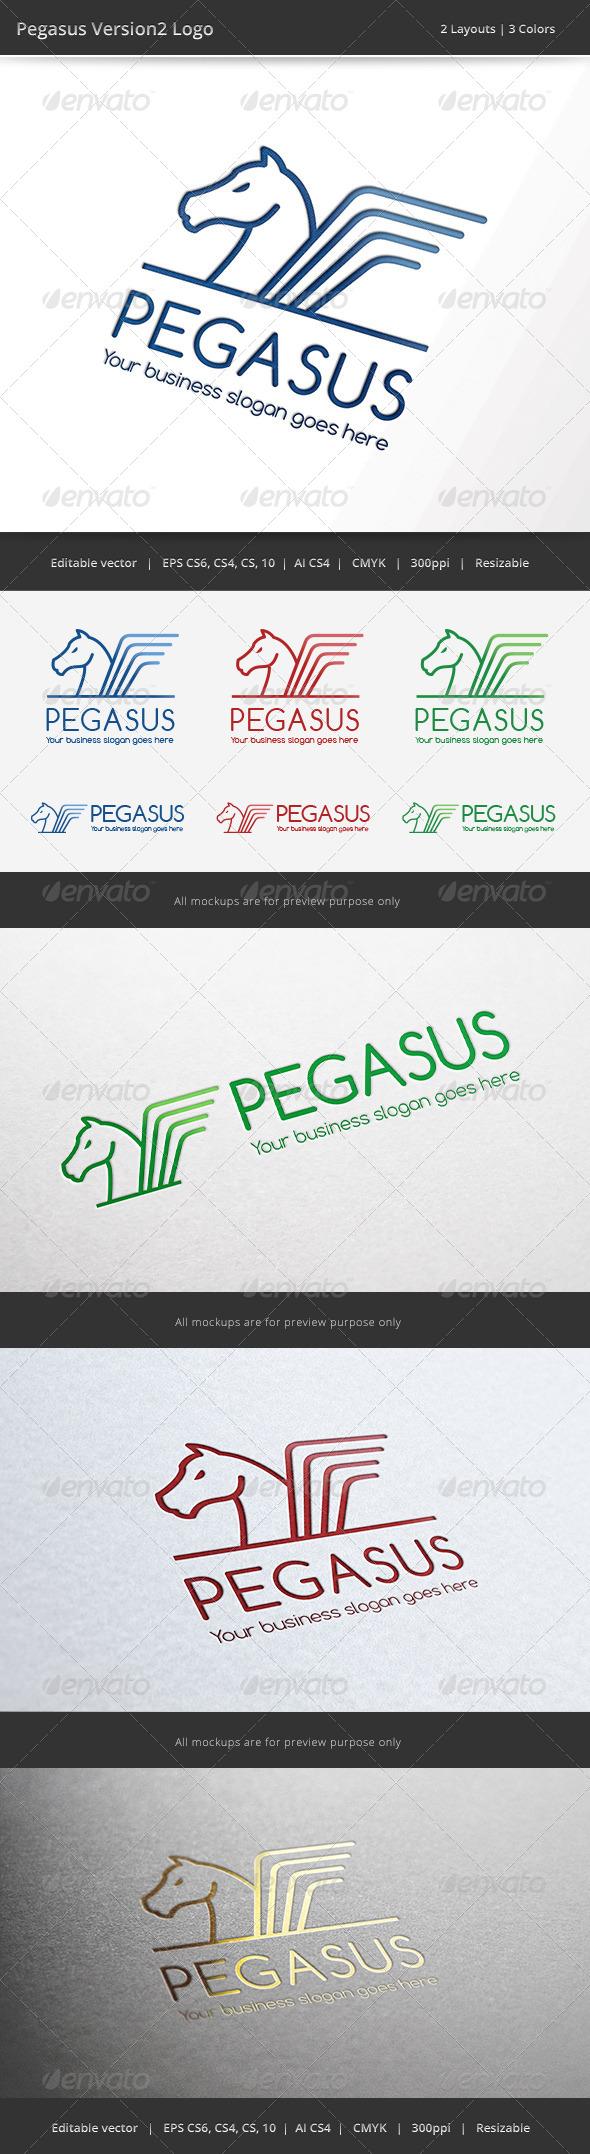 GraphicRiver Pegasus V2 Logo 6860142